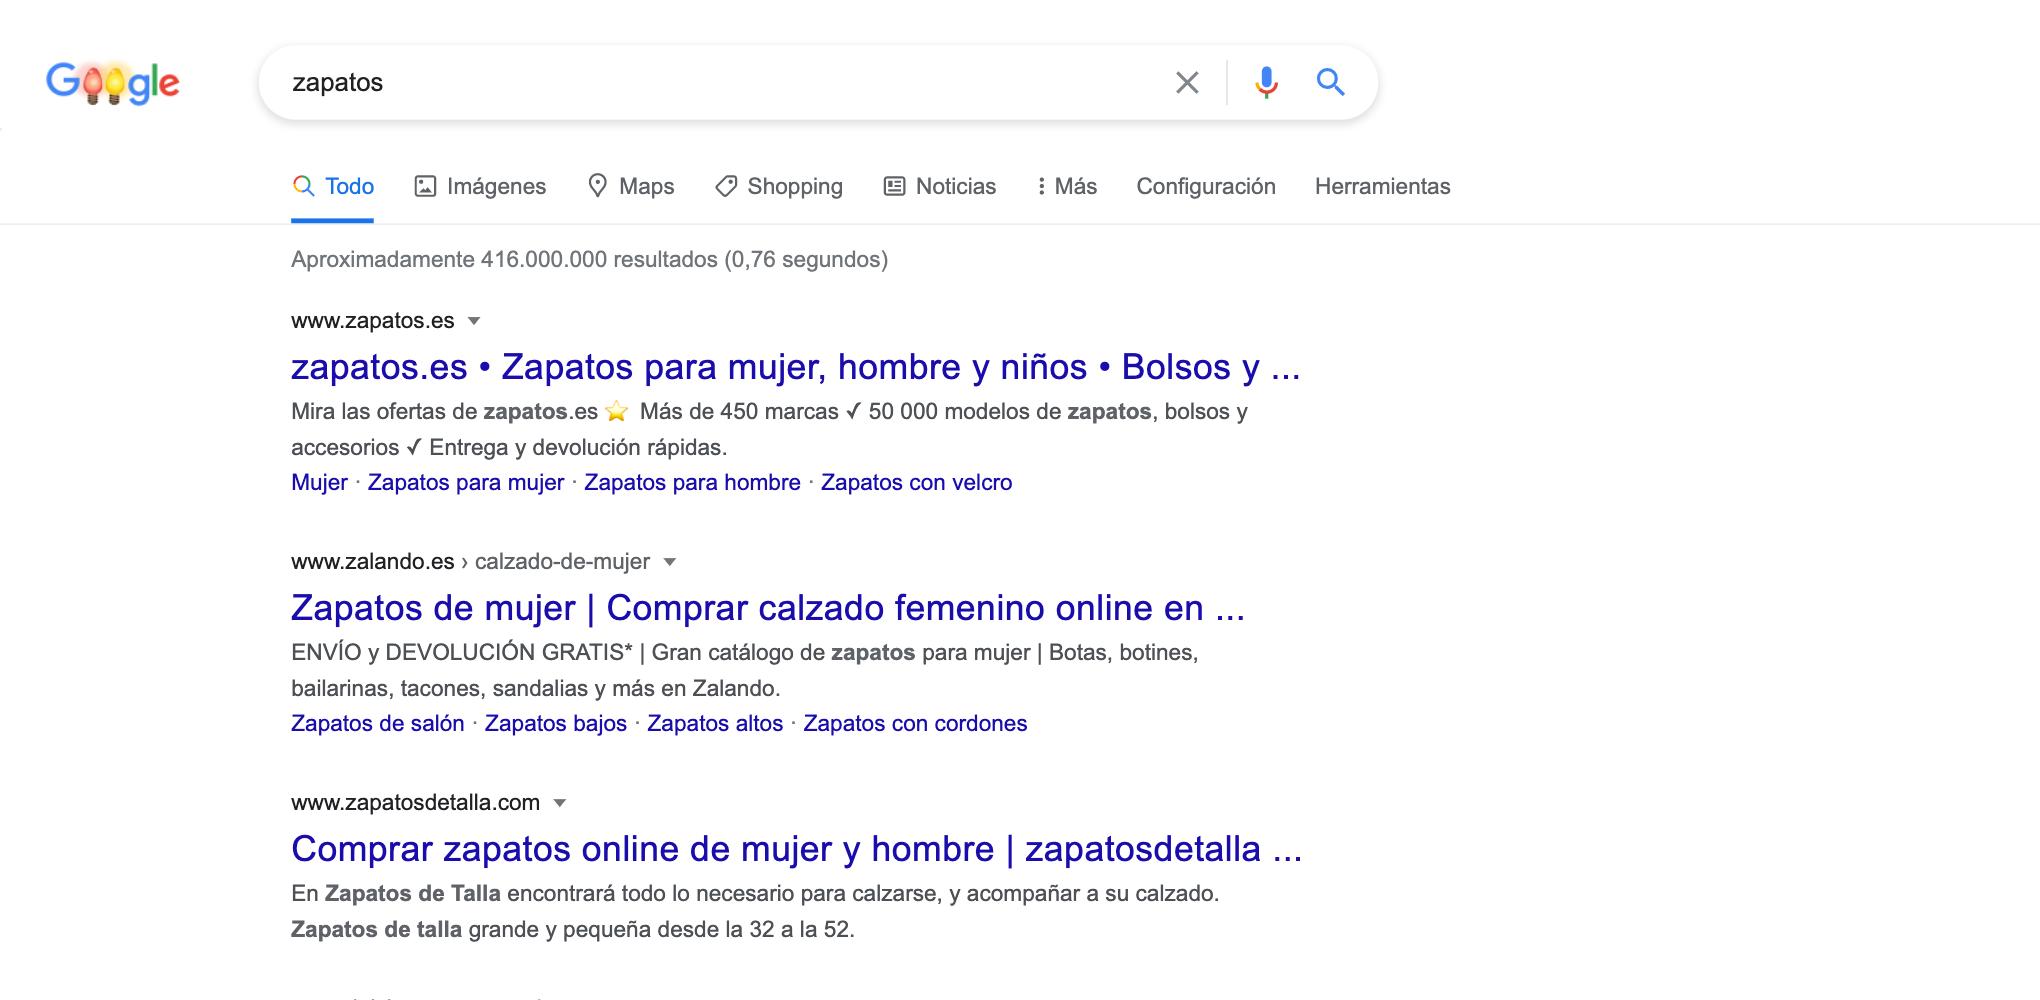 """Para la búsqueda """"zapatos"""" existe un resultado orgánico (el dominio de palabra clave """"zapatodetalla.com"""")"""